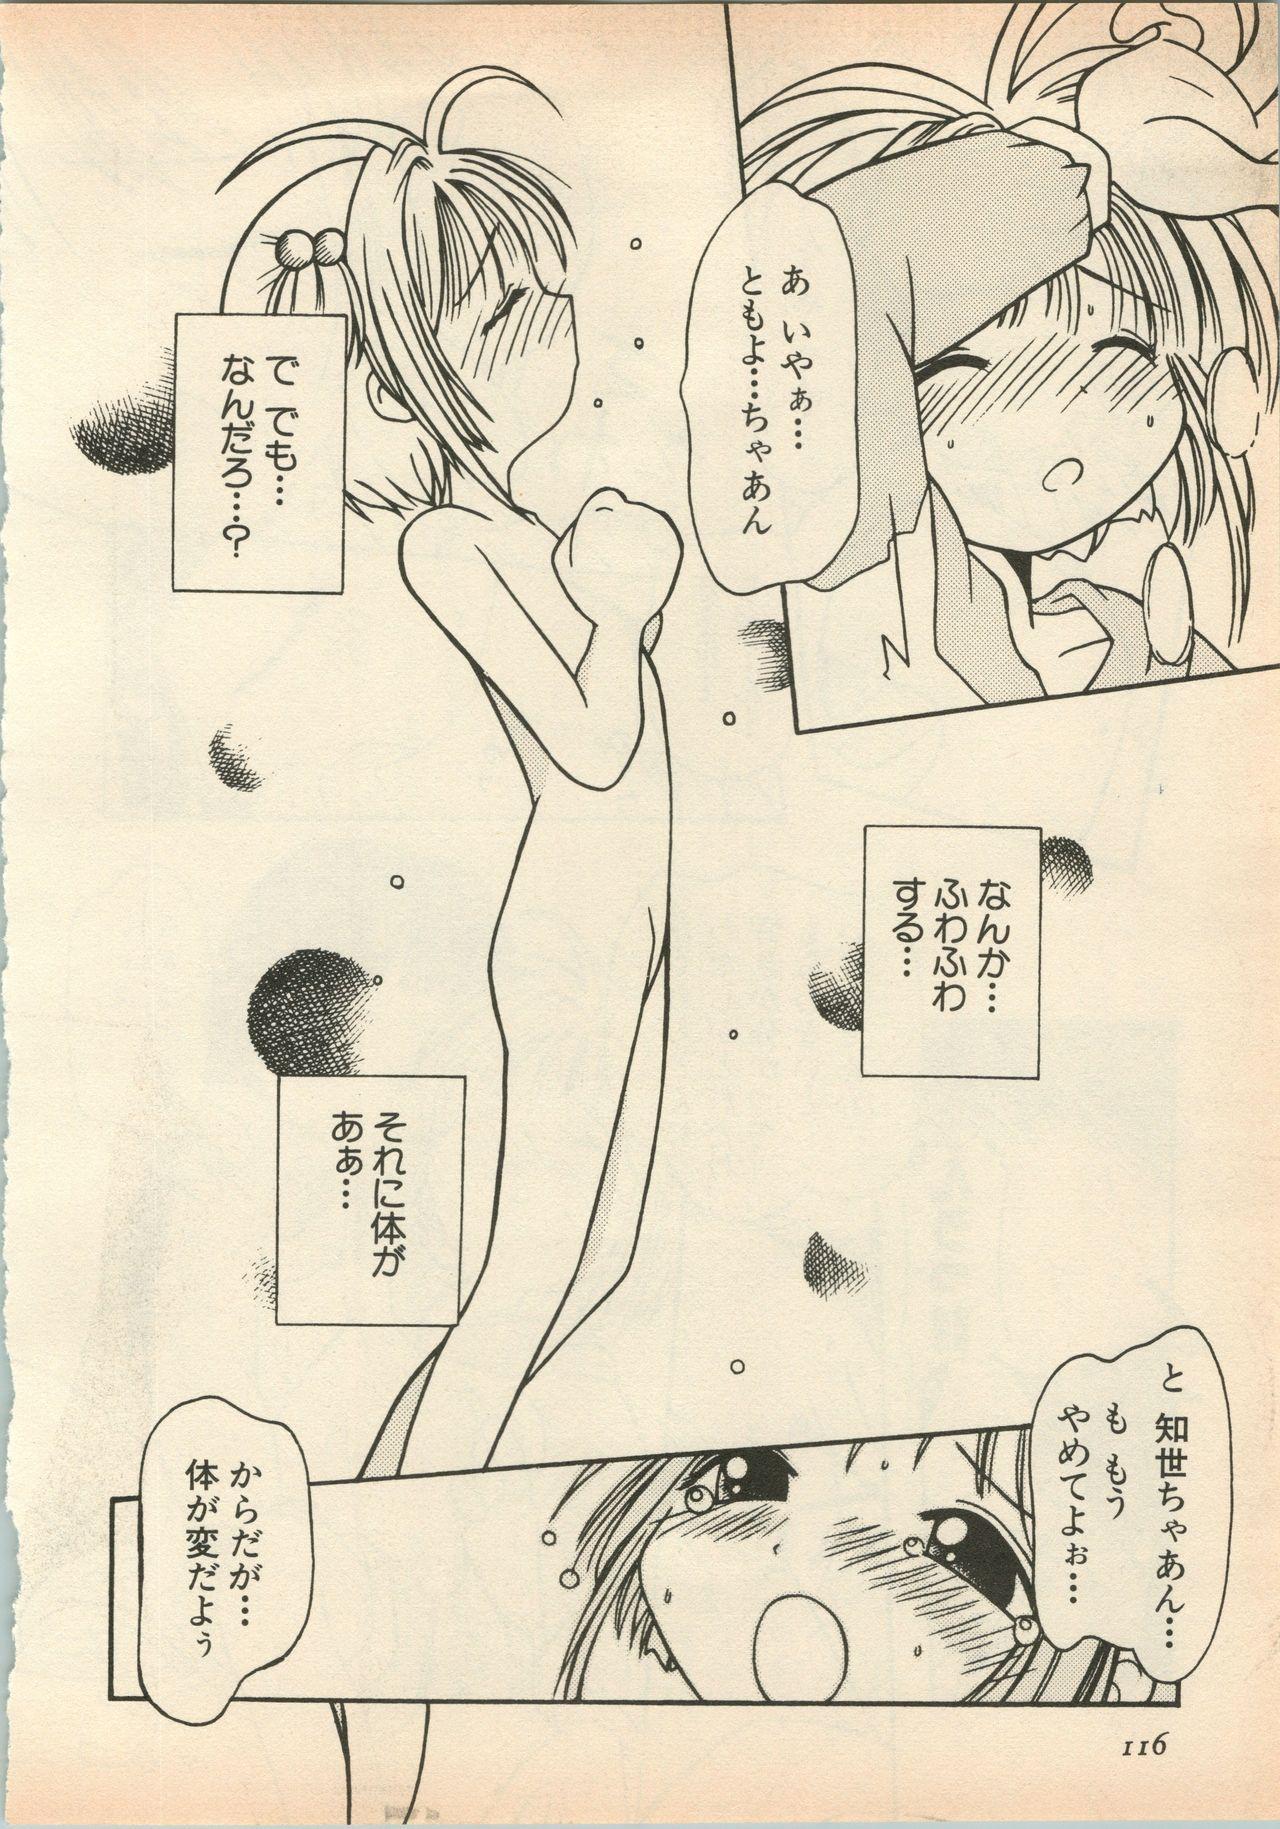 Shin Bishoujo Shoukougun 5 Fukkatsu hen 118